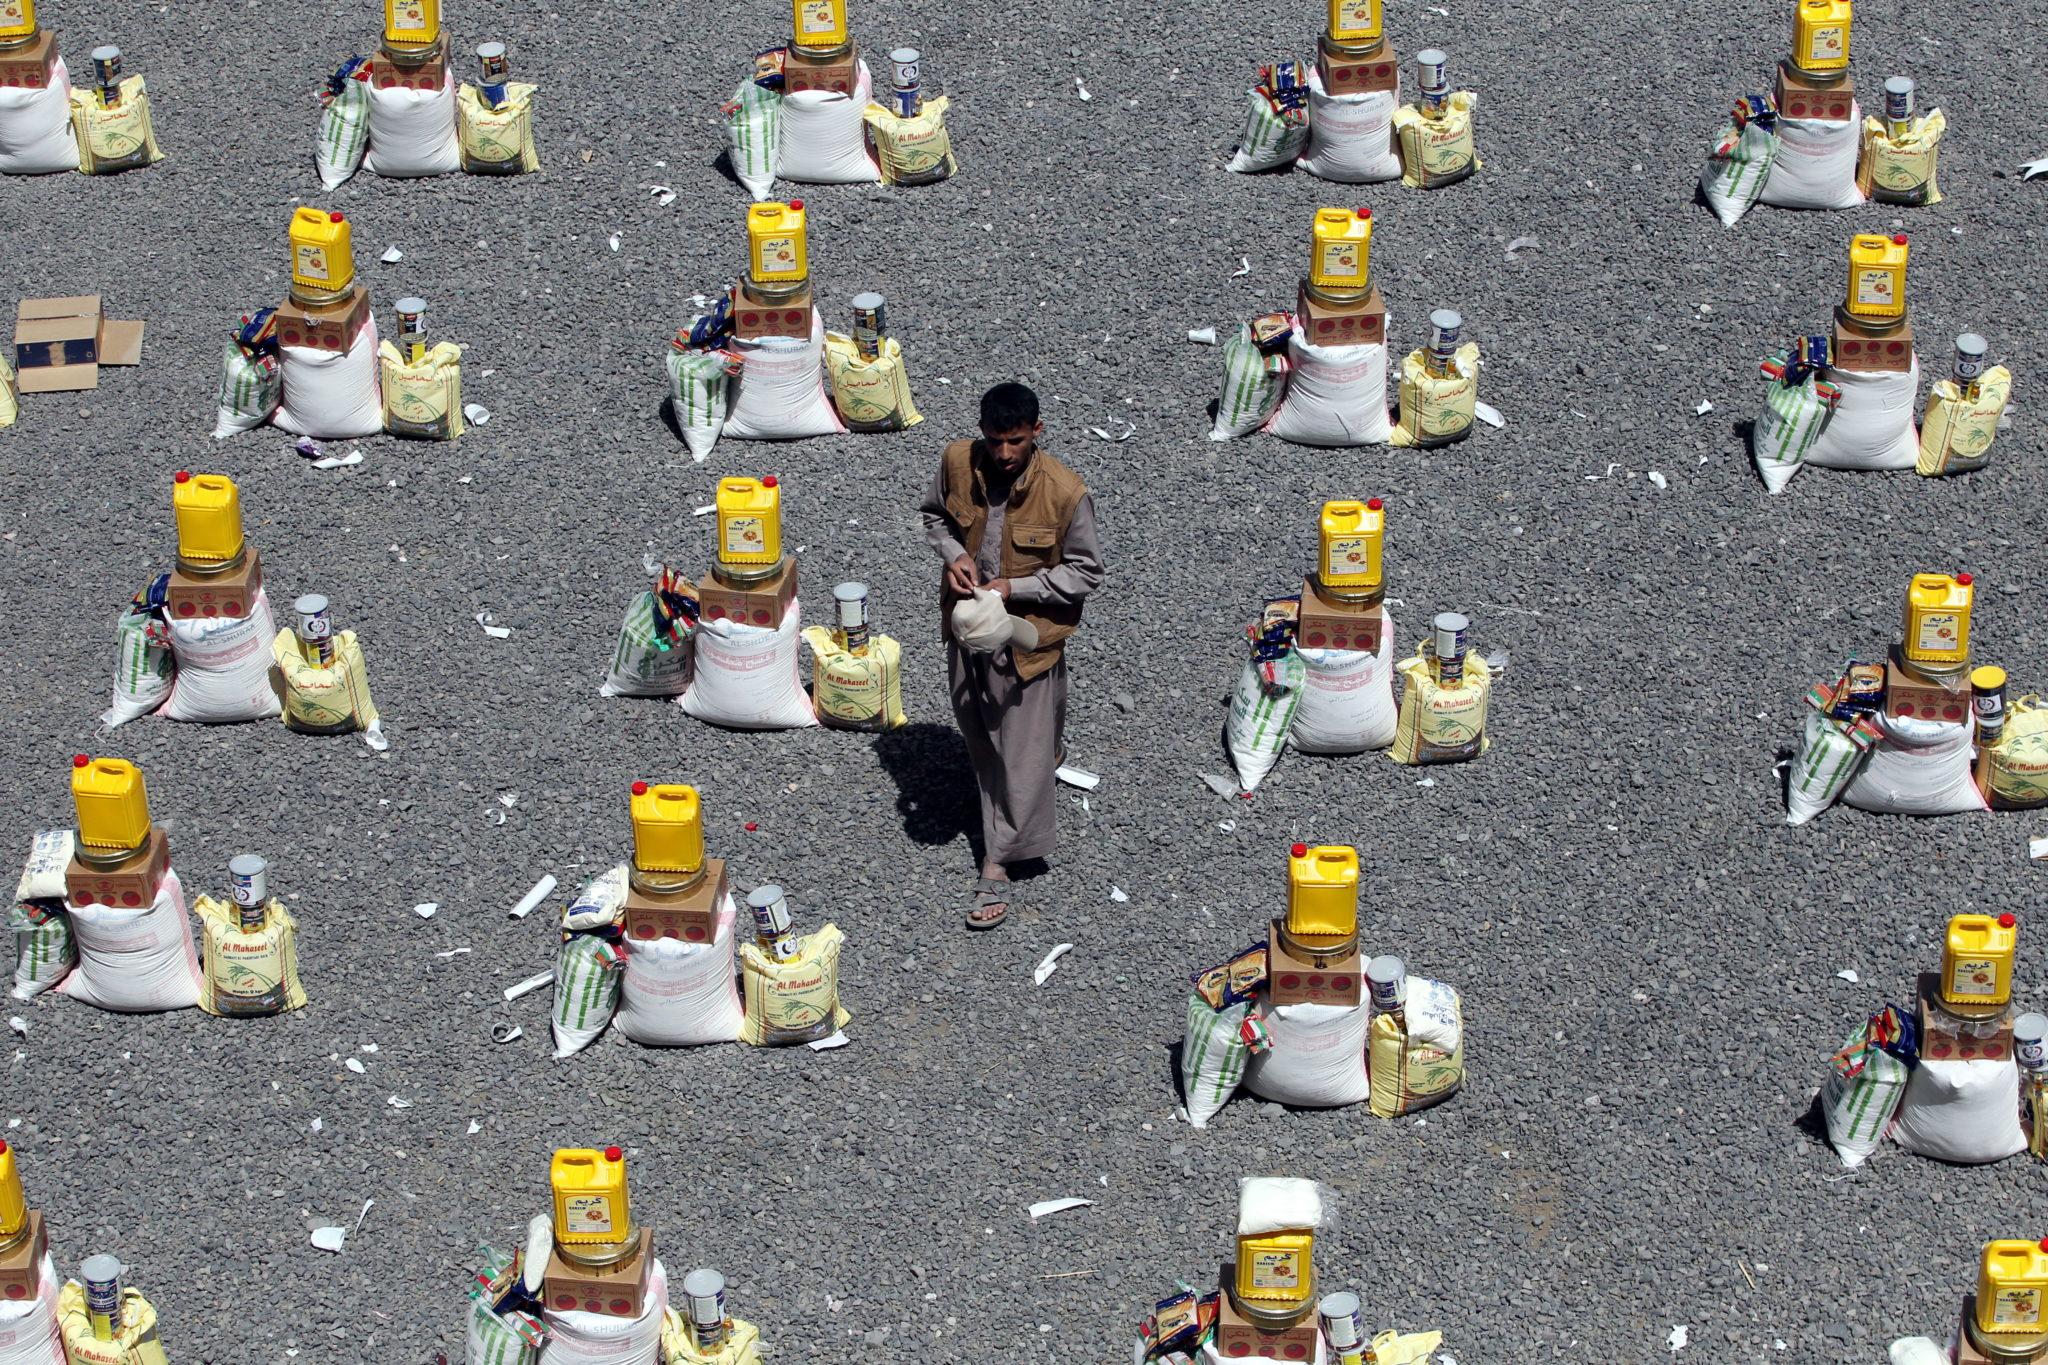 Jemen, San: racje żywnościowe dostarczone przez lokalną organizację charytatywną dla osób dotkniętych konfliktami. Około 20 milionów ludzi w 26-milionowej populacji Jemenu potrzebuje pilnej pomocy humanitarnej, fot. YAHYA ARHAB, PAP/EPA